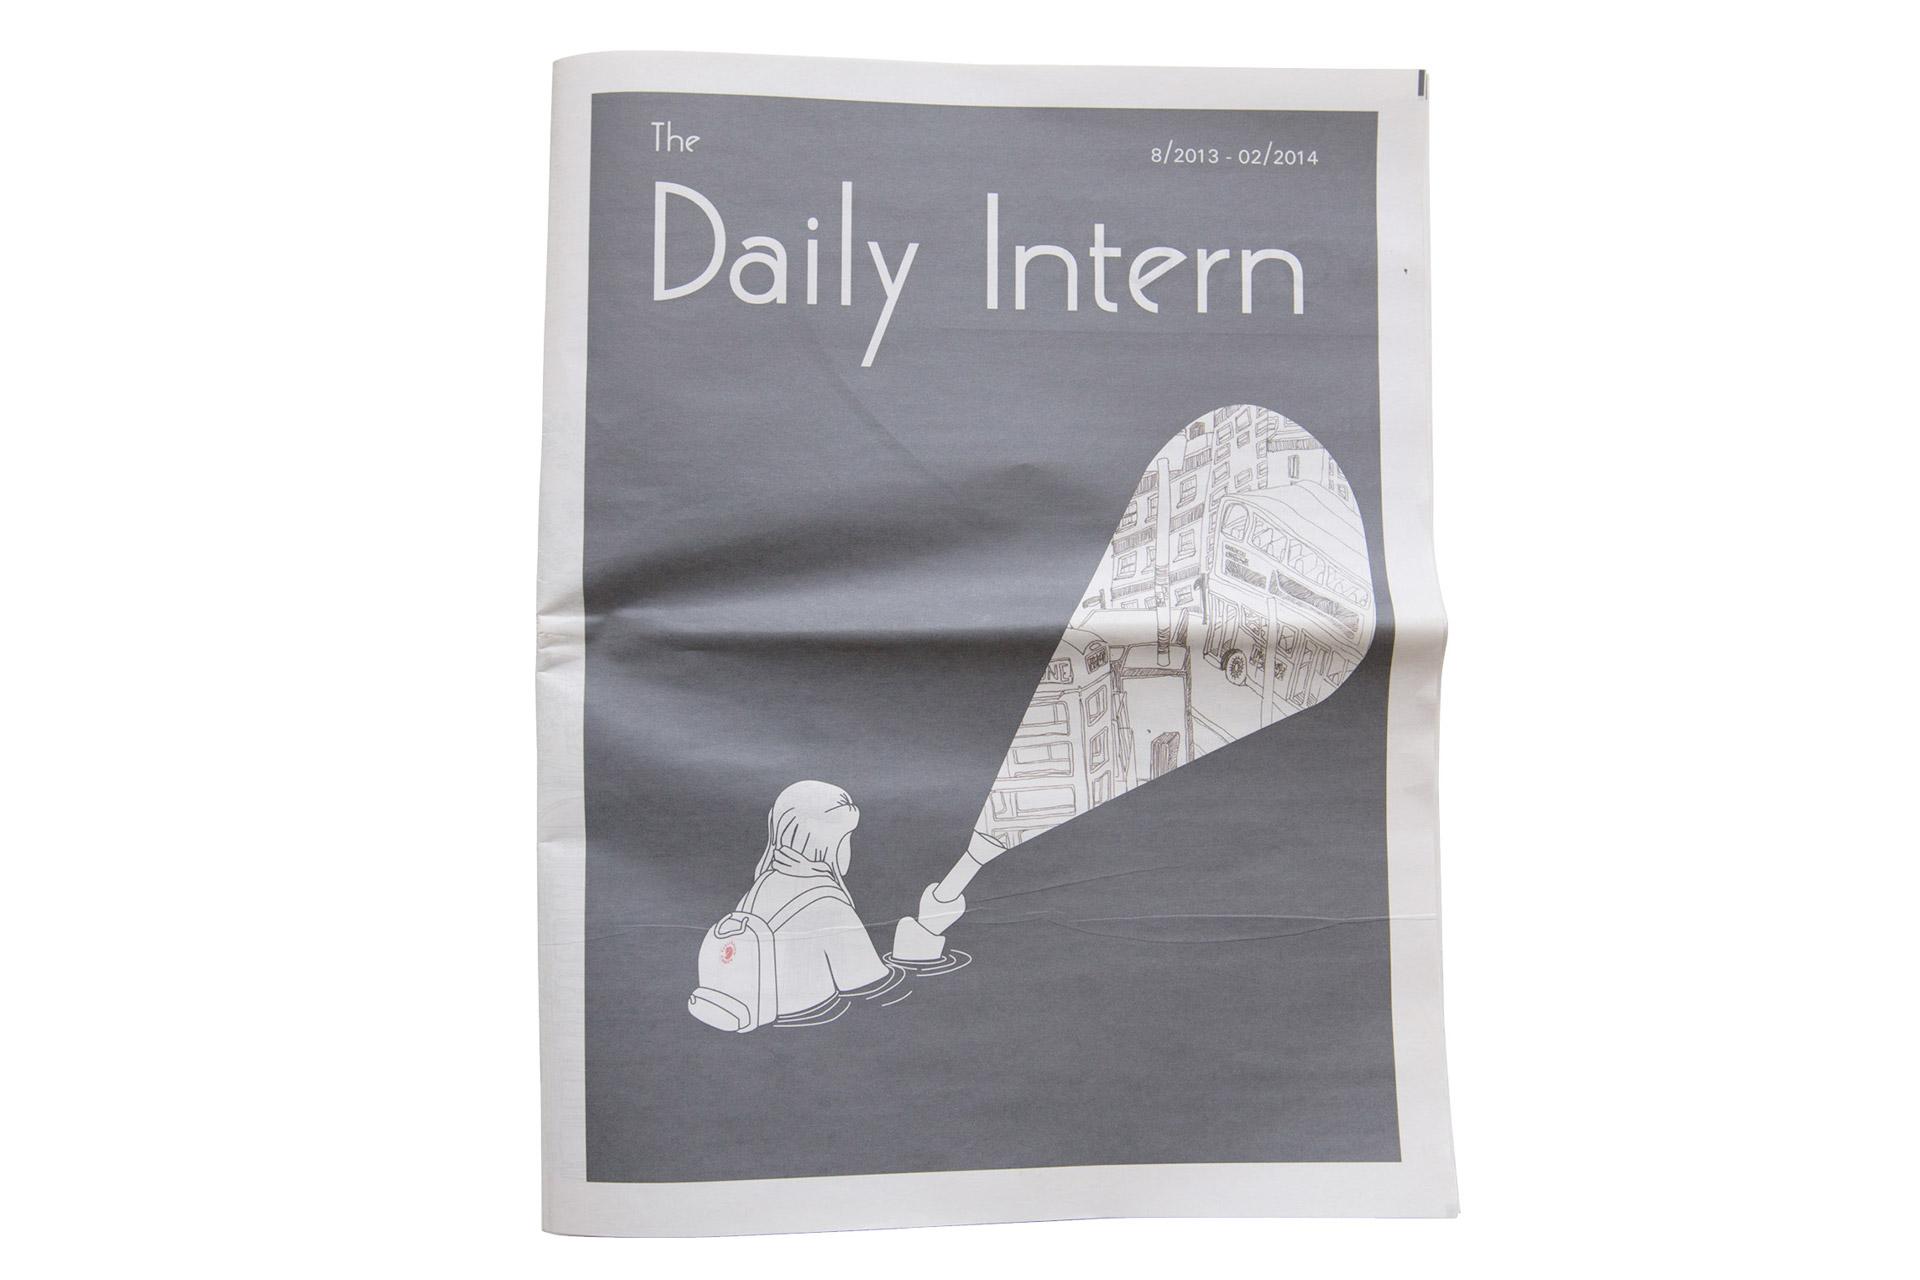 dailyintern